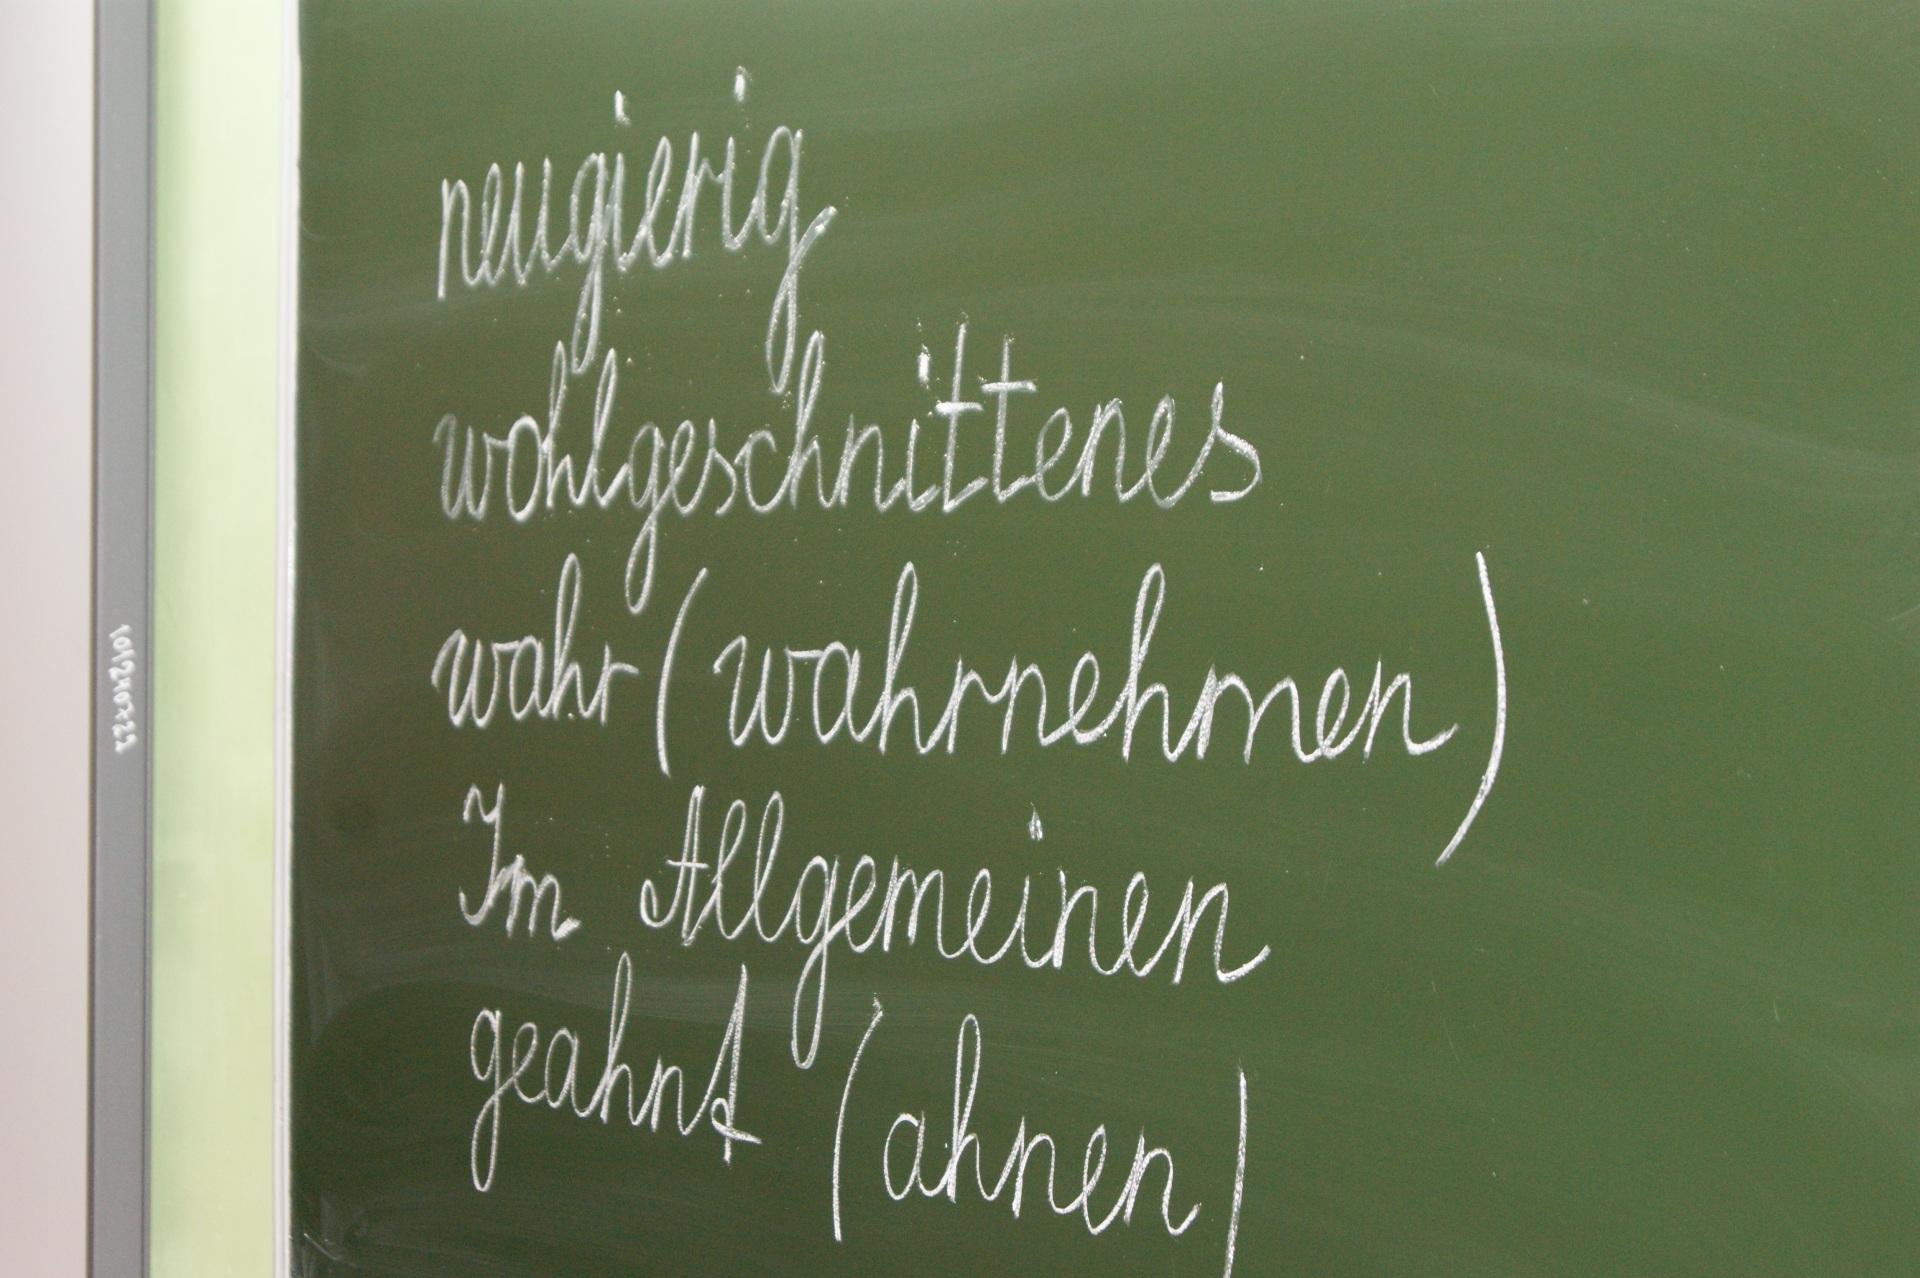 В Сыктывкаре пройдет открытый диктант по немецкому языку